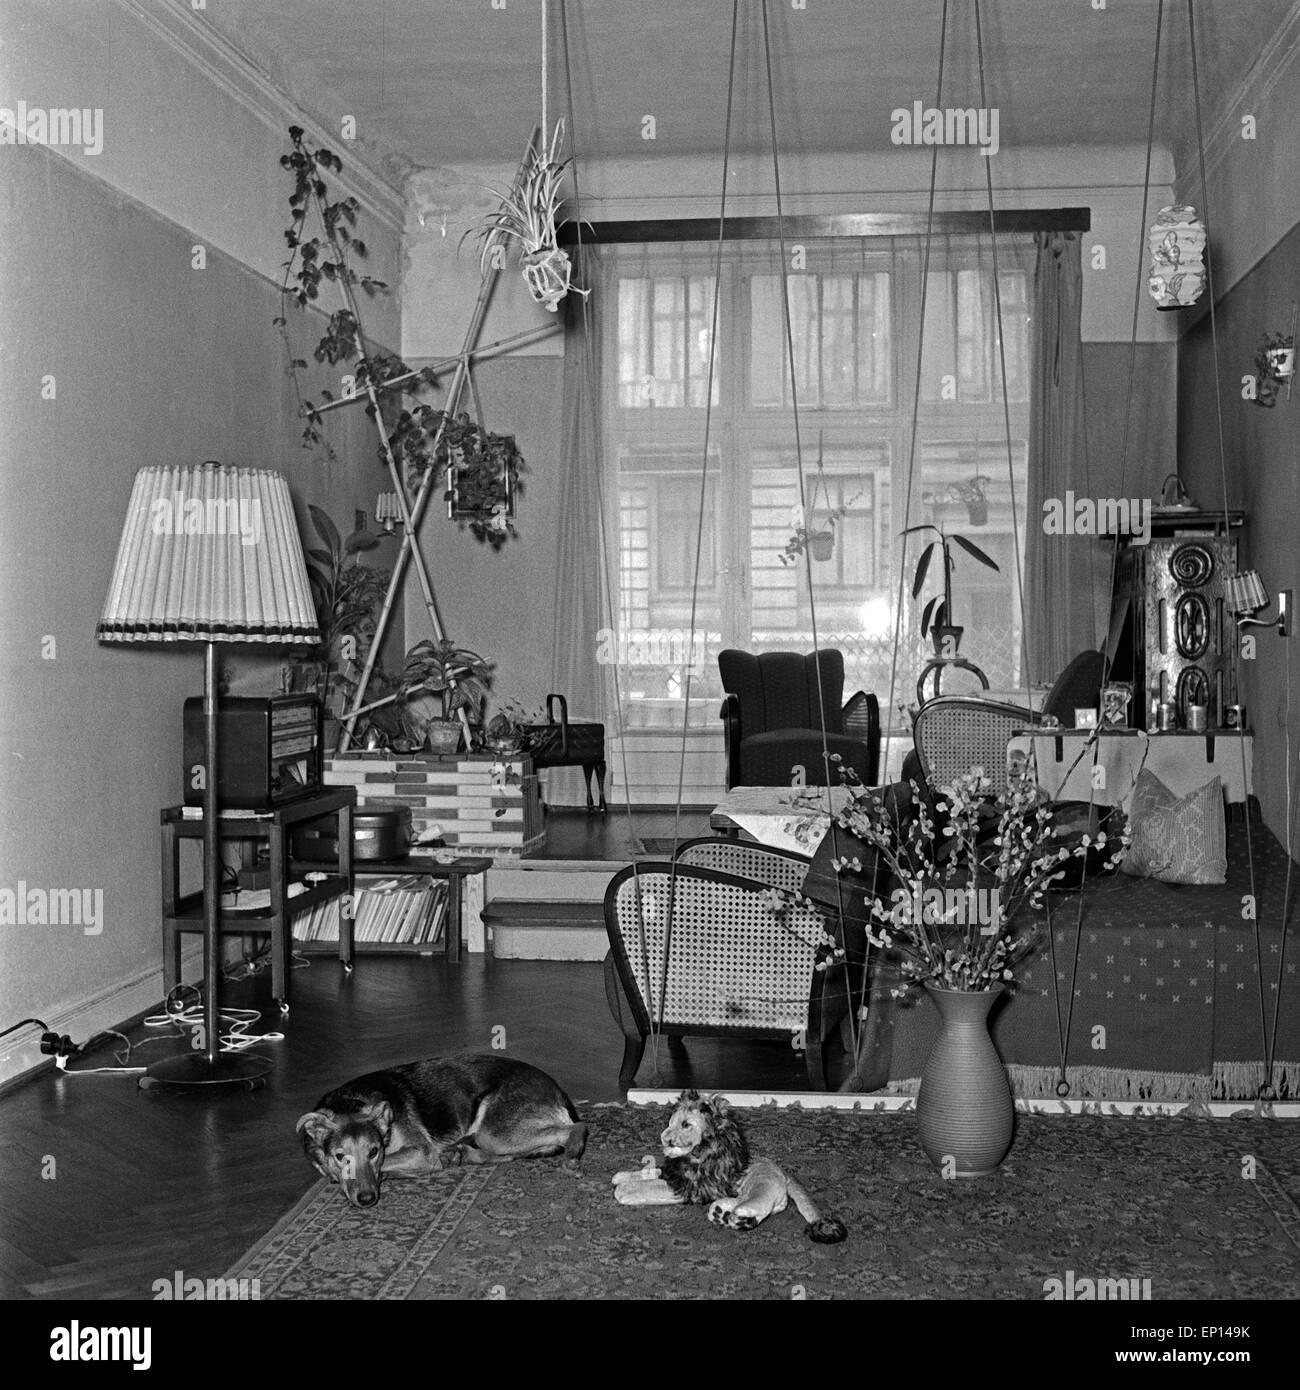 Typische Einrichtung In Einem Wohnzimmer, 1950er Jahre Deutschland. Moderne  Inneneinrichtung Eines Wohnzimmers, Deutschland Der 1950er Jahre.